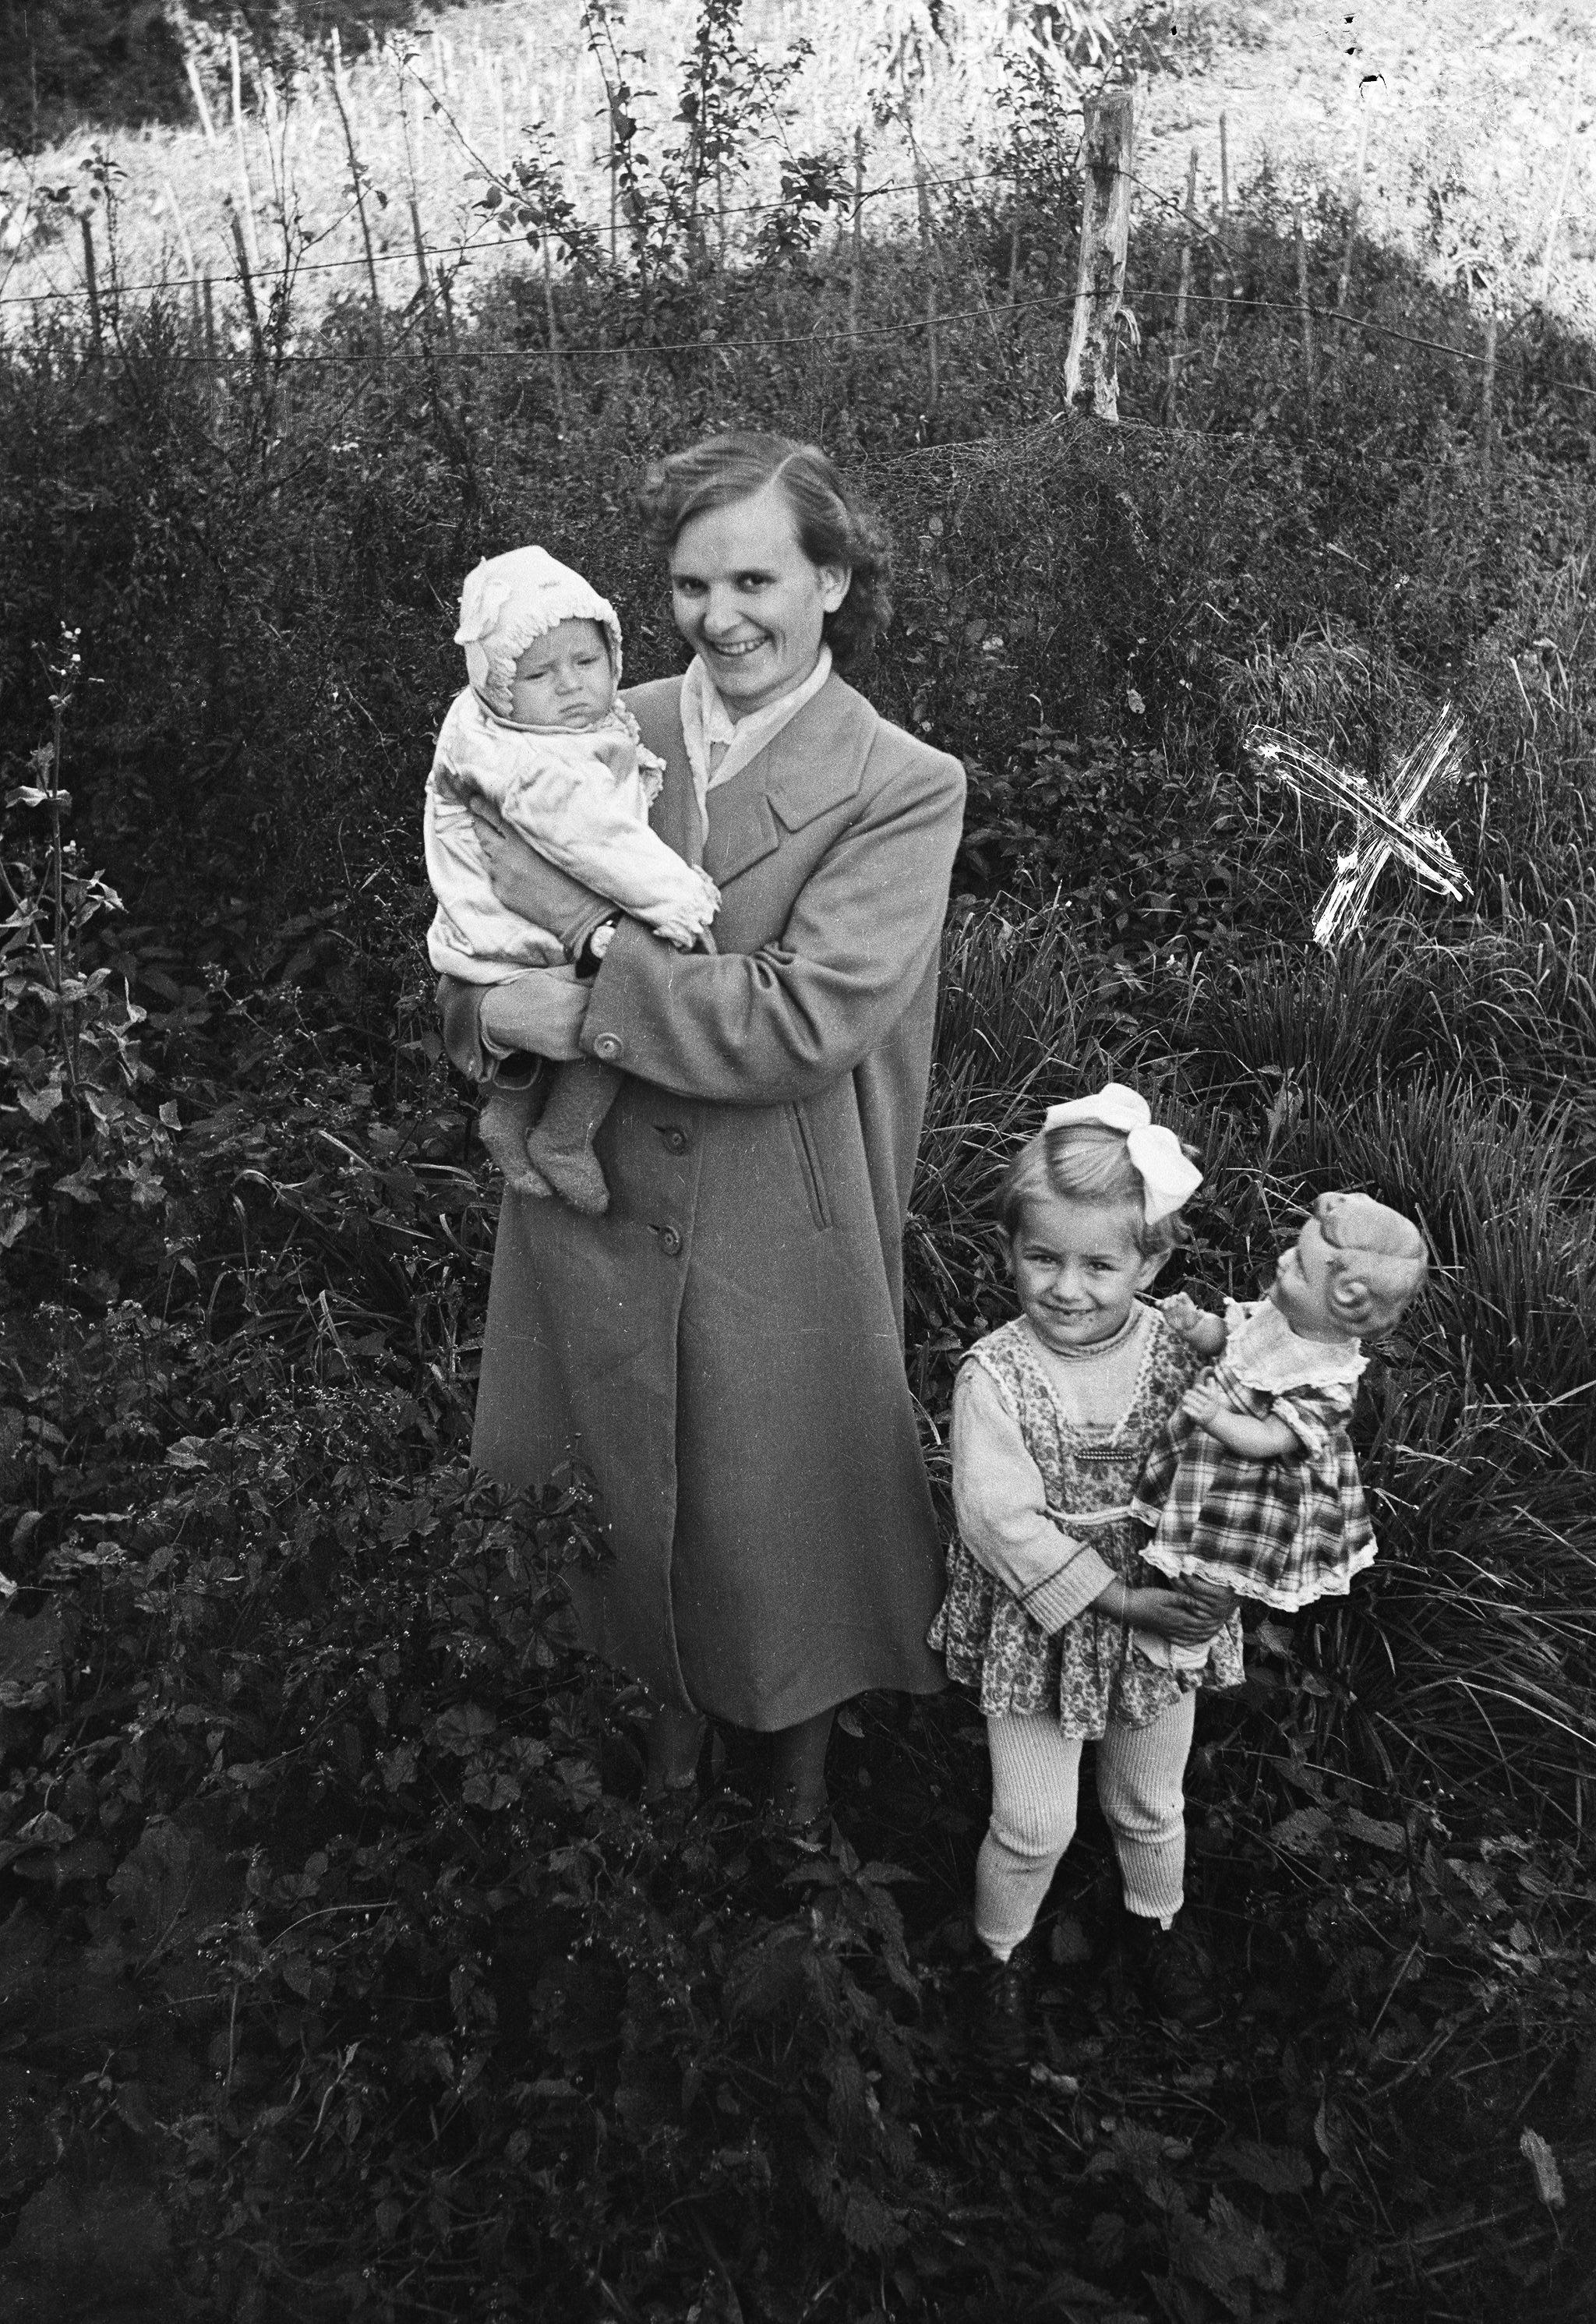 Wanda  Bajer z dziećmi siostry, Głębowice, Dolny Śląsk, lata 50. XX w.